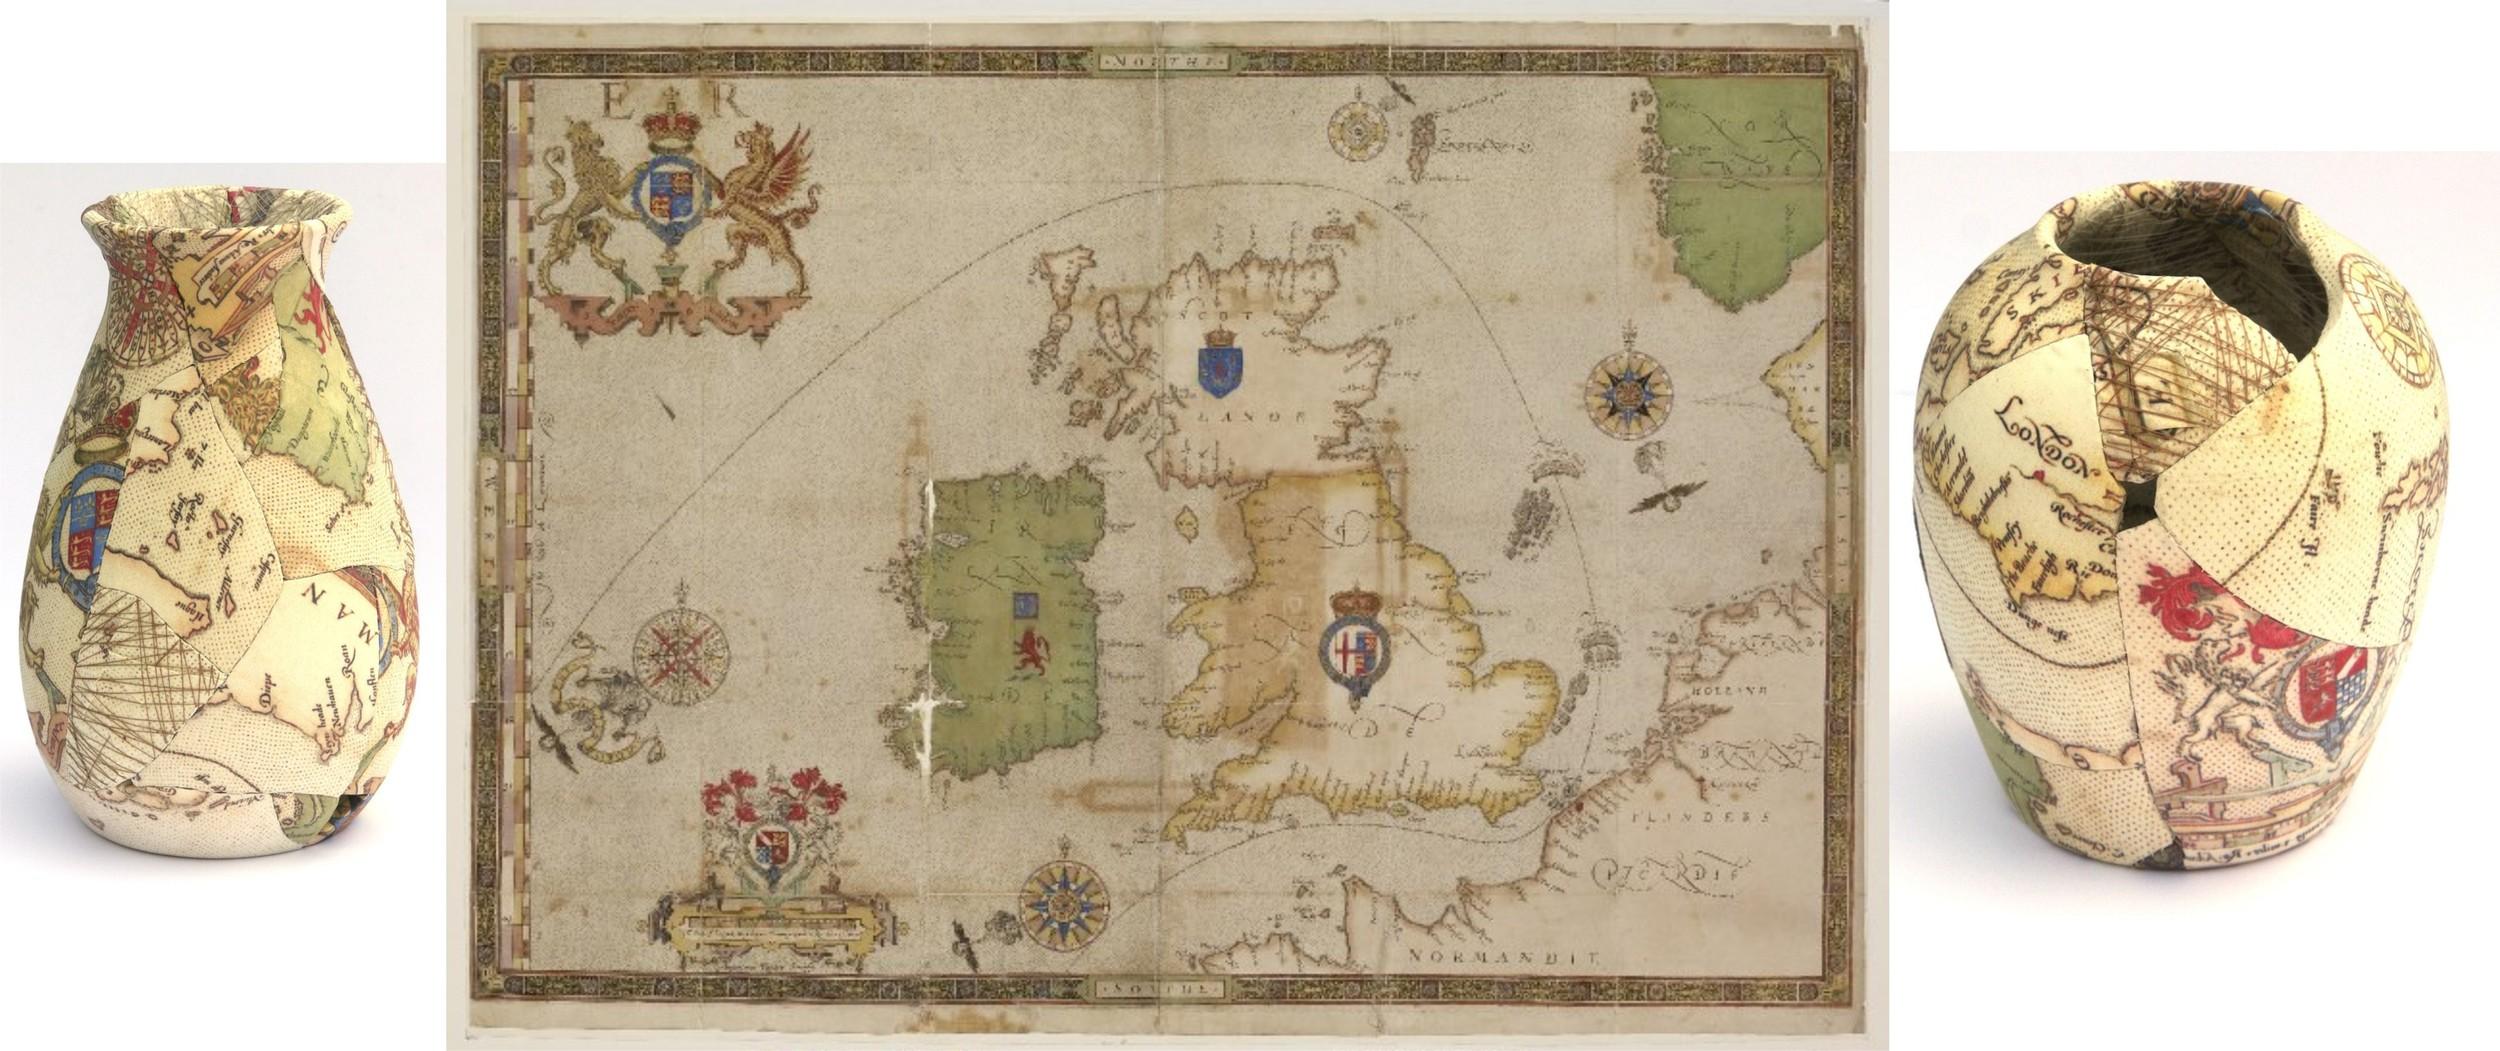 Armada map + pot.jpg